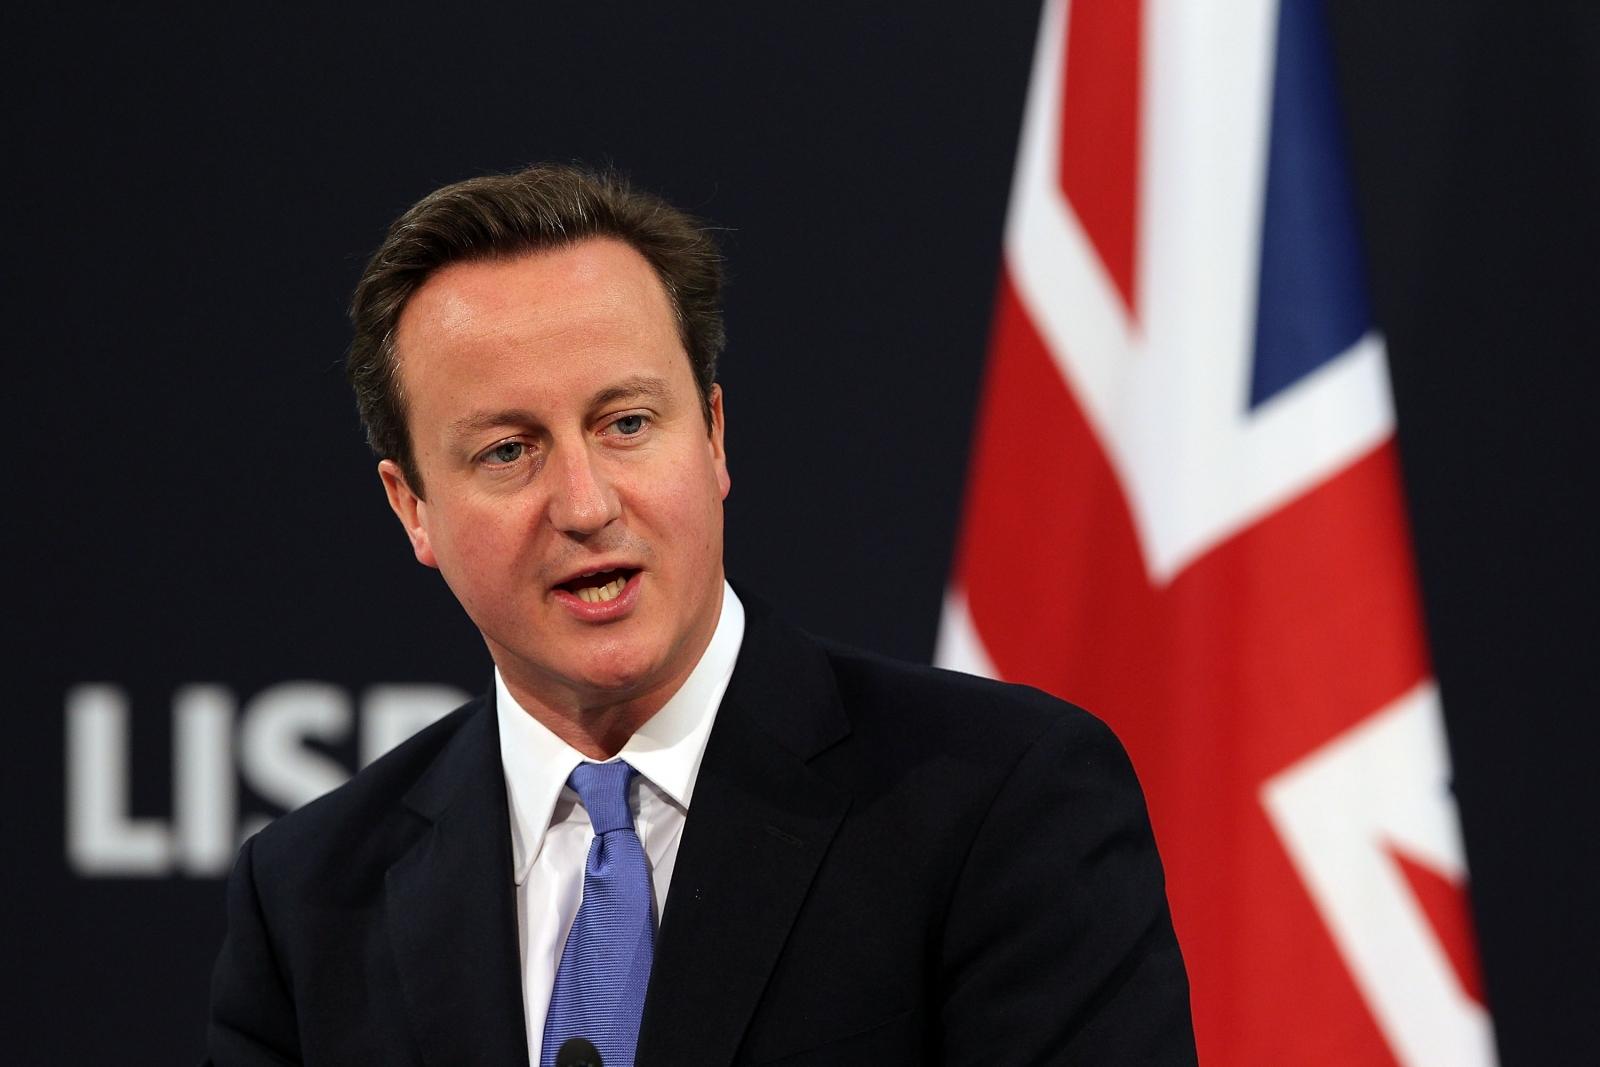 David Cameron purdah